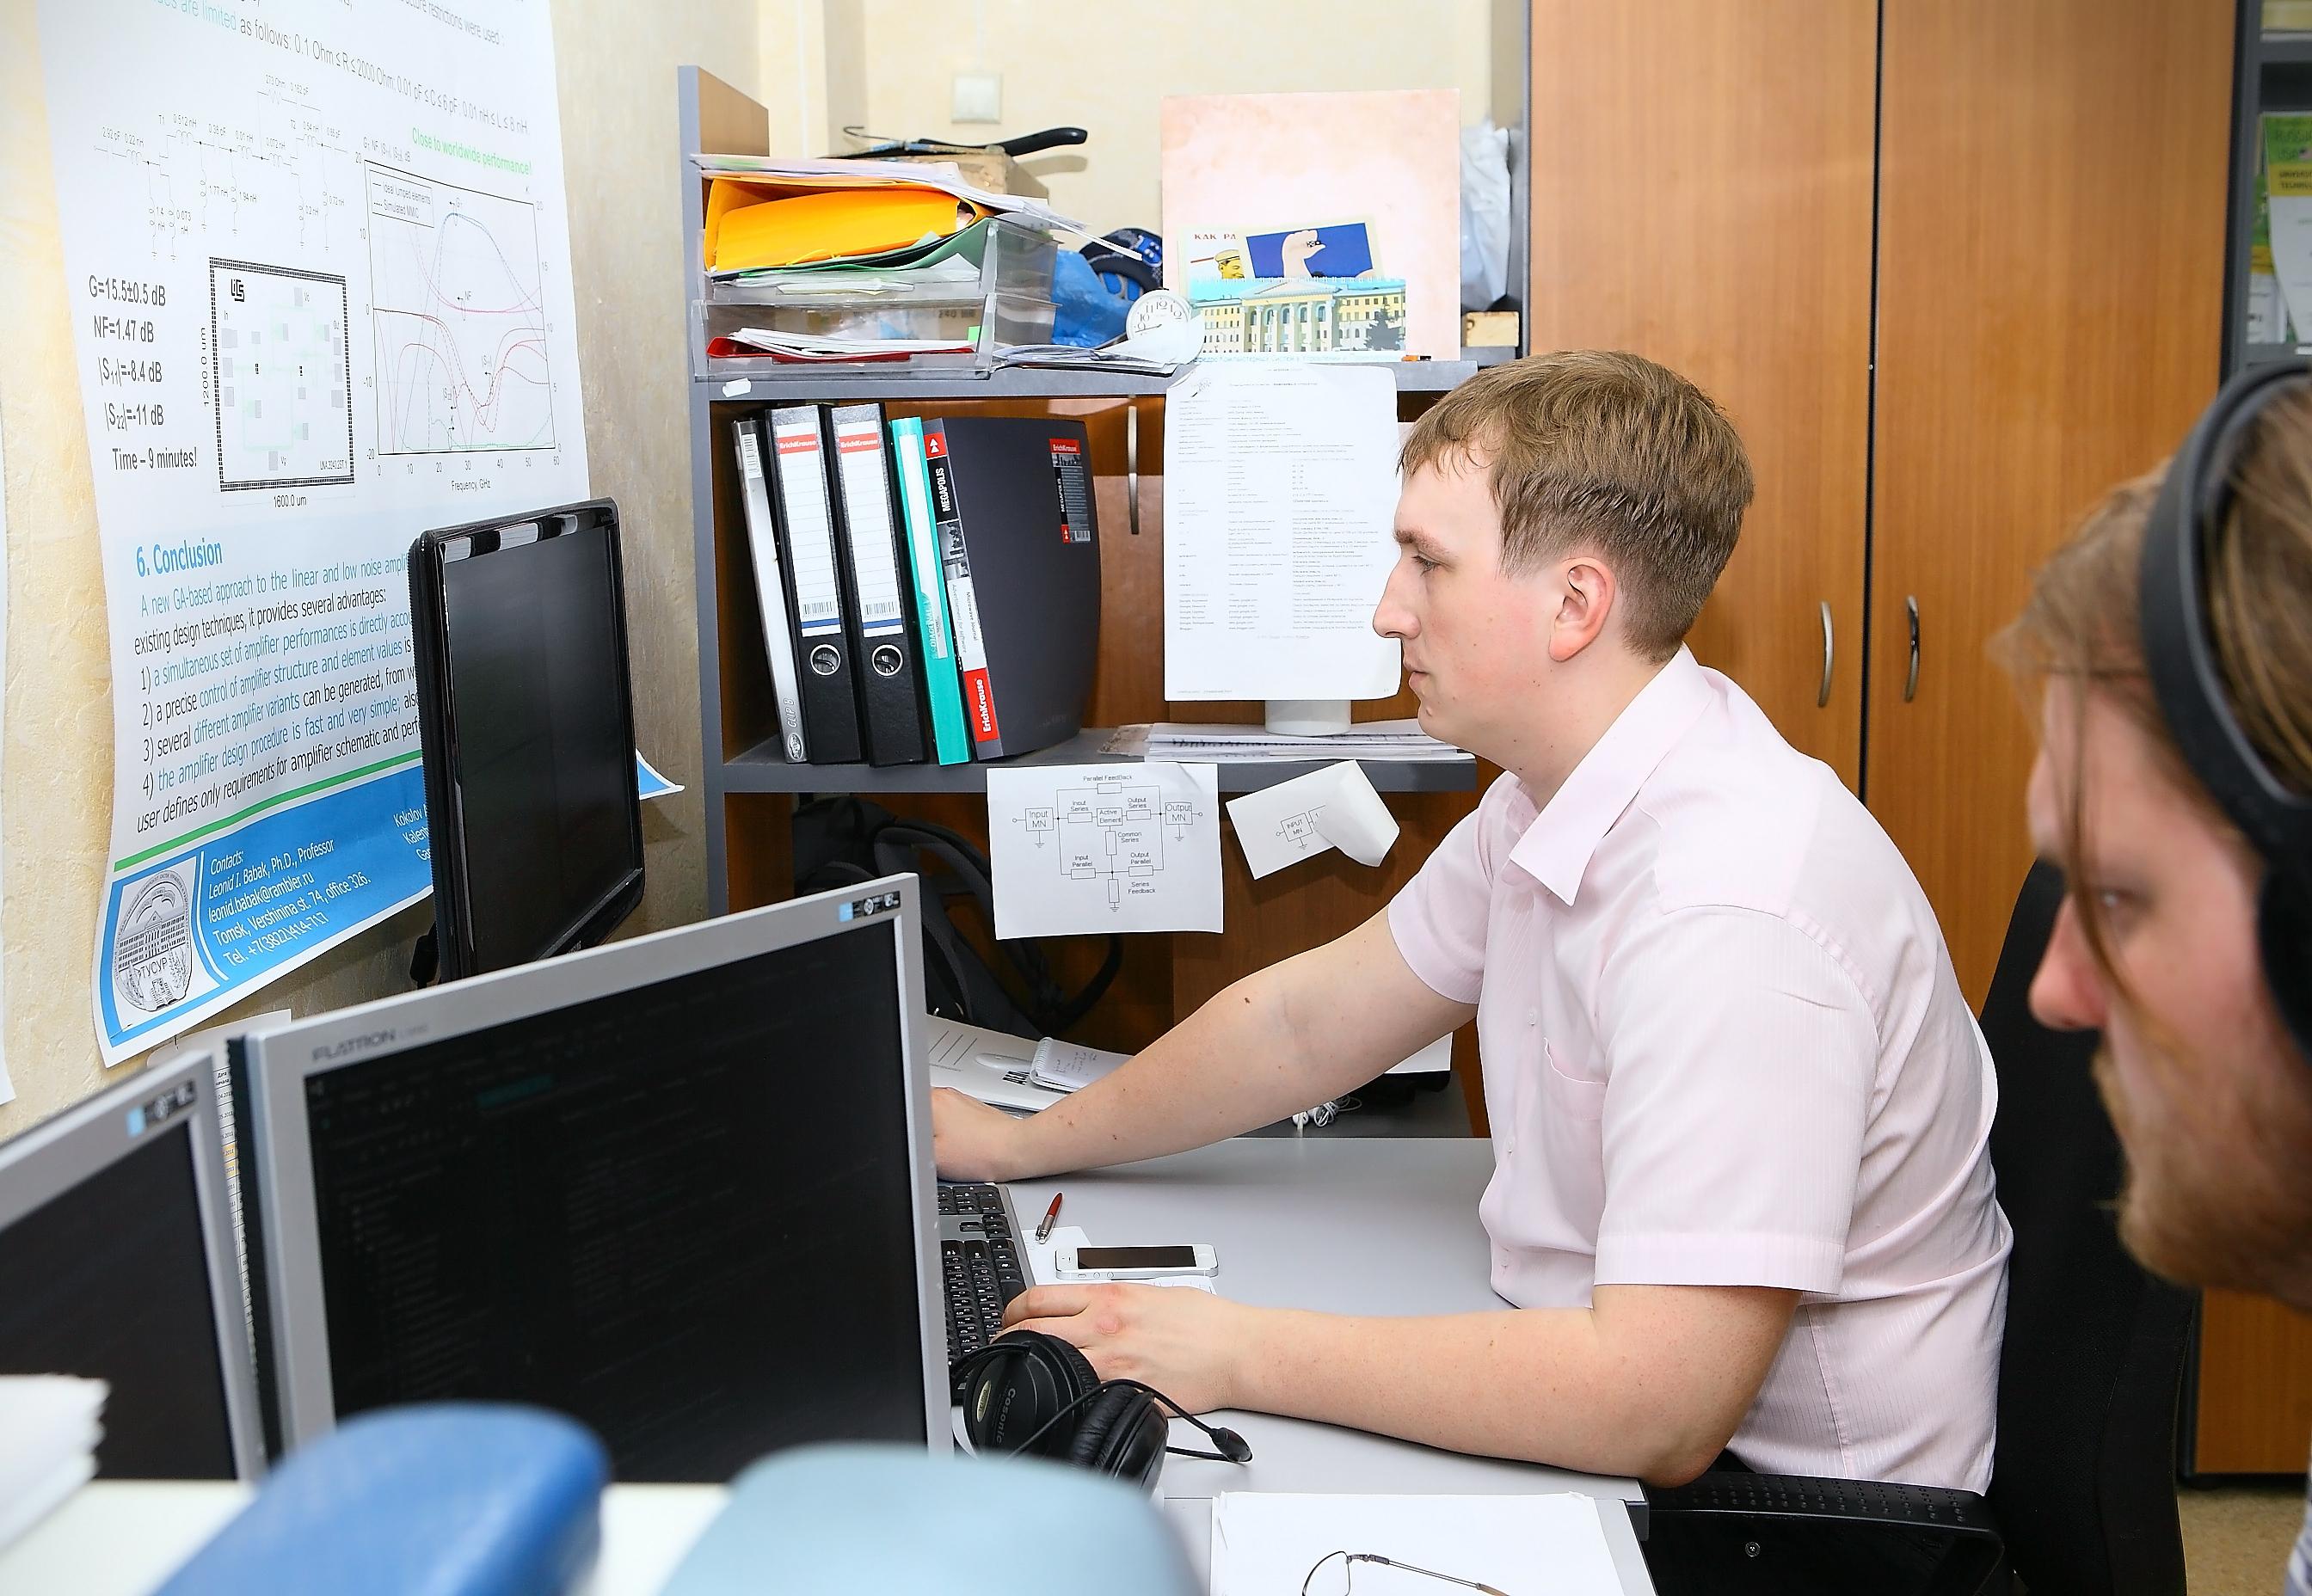 Молодой учёный Алексей Калентьев принял участие вевропейской выставке-конференции помикроволновым технологиям European Microwave Week